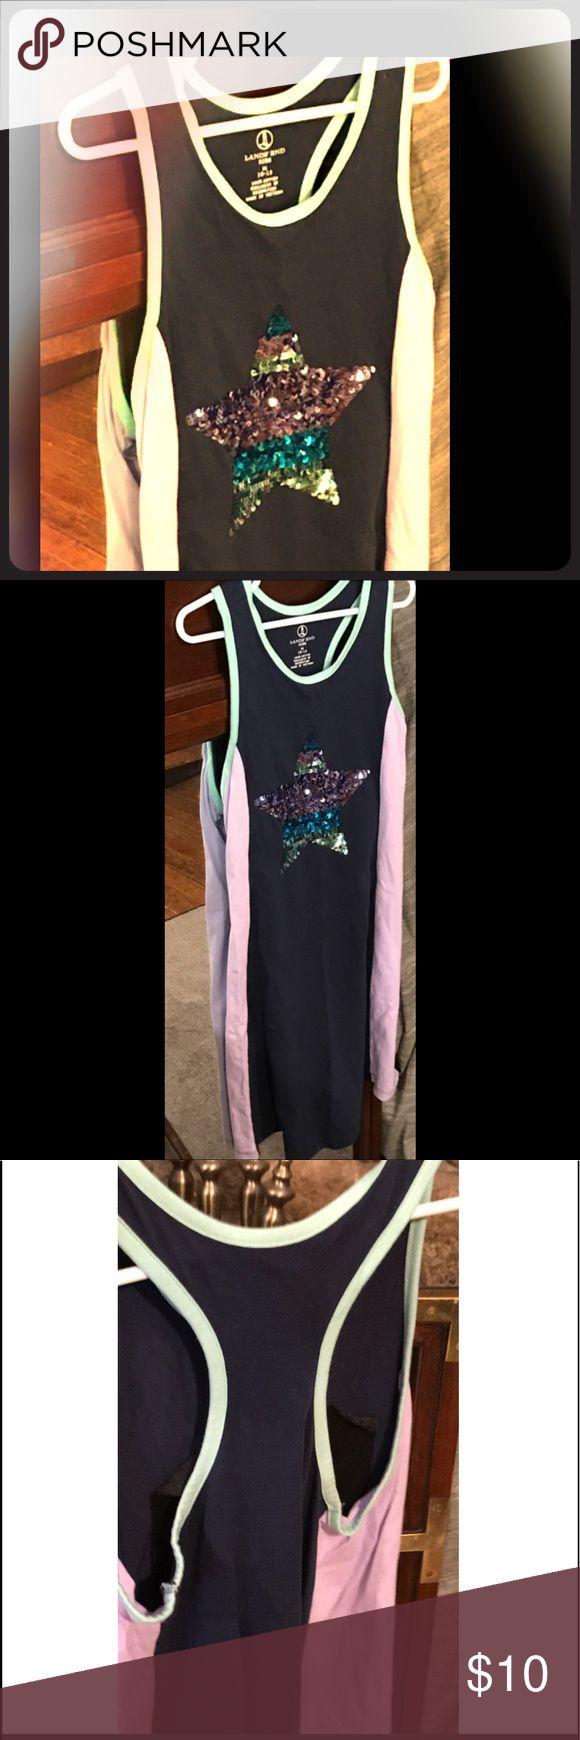 Lands End Kids 10-12 Sequin Summer Dress Lands End Kids 10-12 Sequin Summer Dress. Cute and Comfy dress. Base color is Navy Blue. Lands' End Dresses Casual